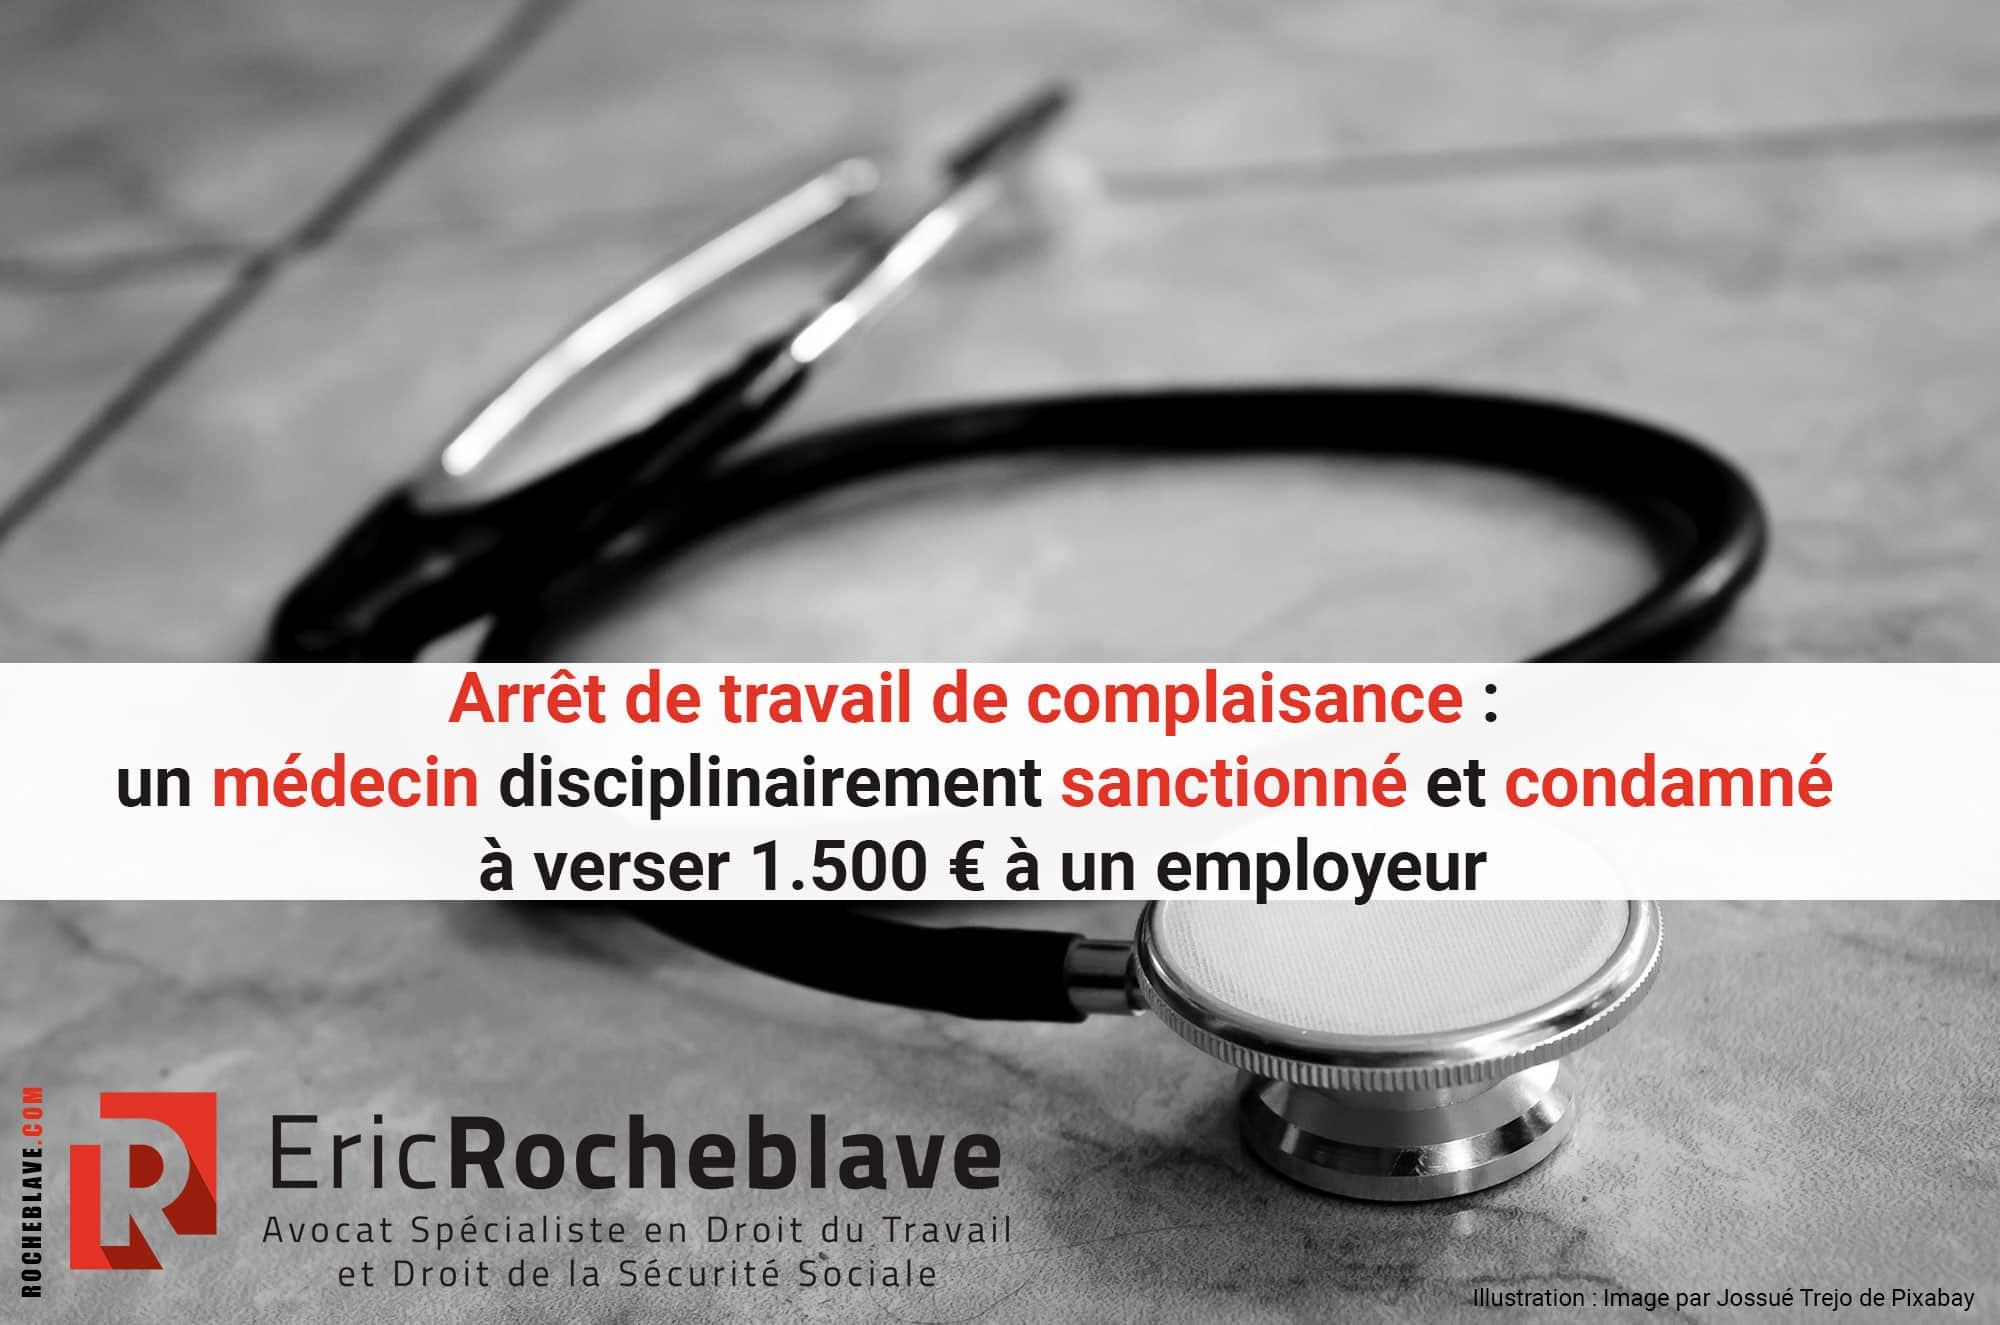 Arrêt de travail de complaisance : un médecin disciplinairement sanctionné et condamné à verser 1.500 € à un employeur